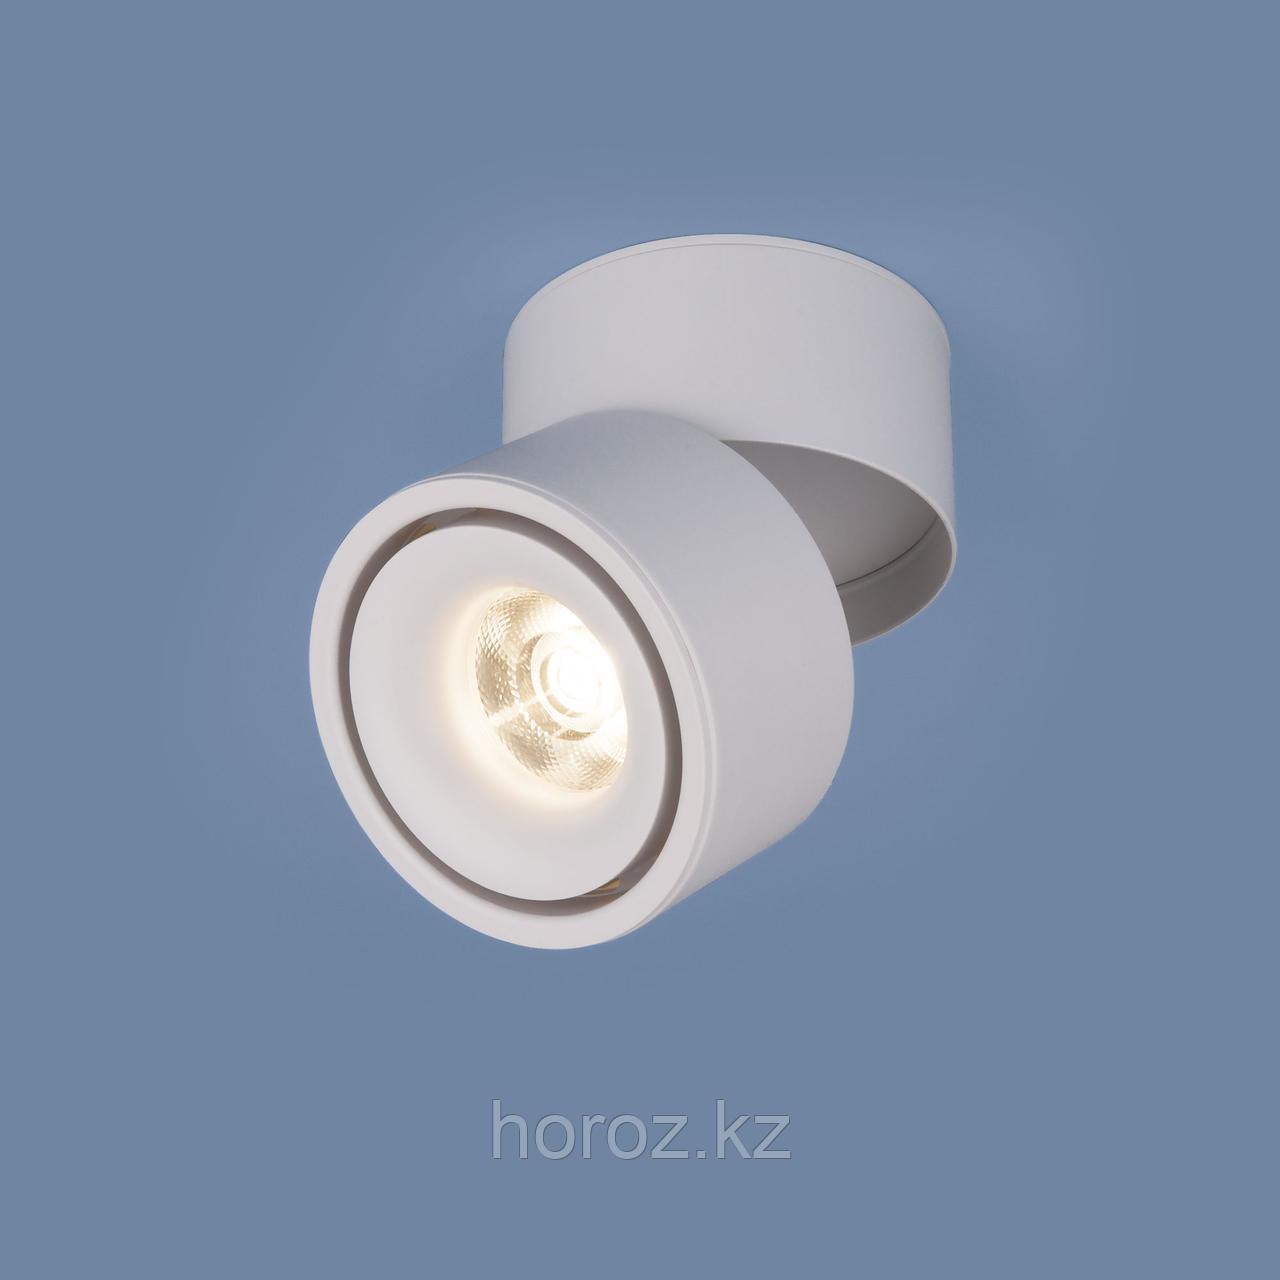 Светильник накладной поворотный белый